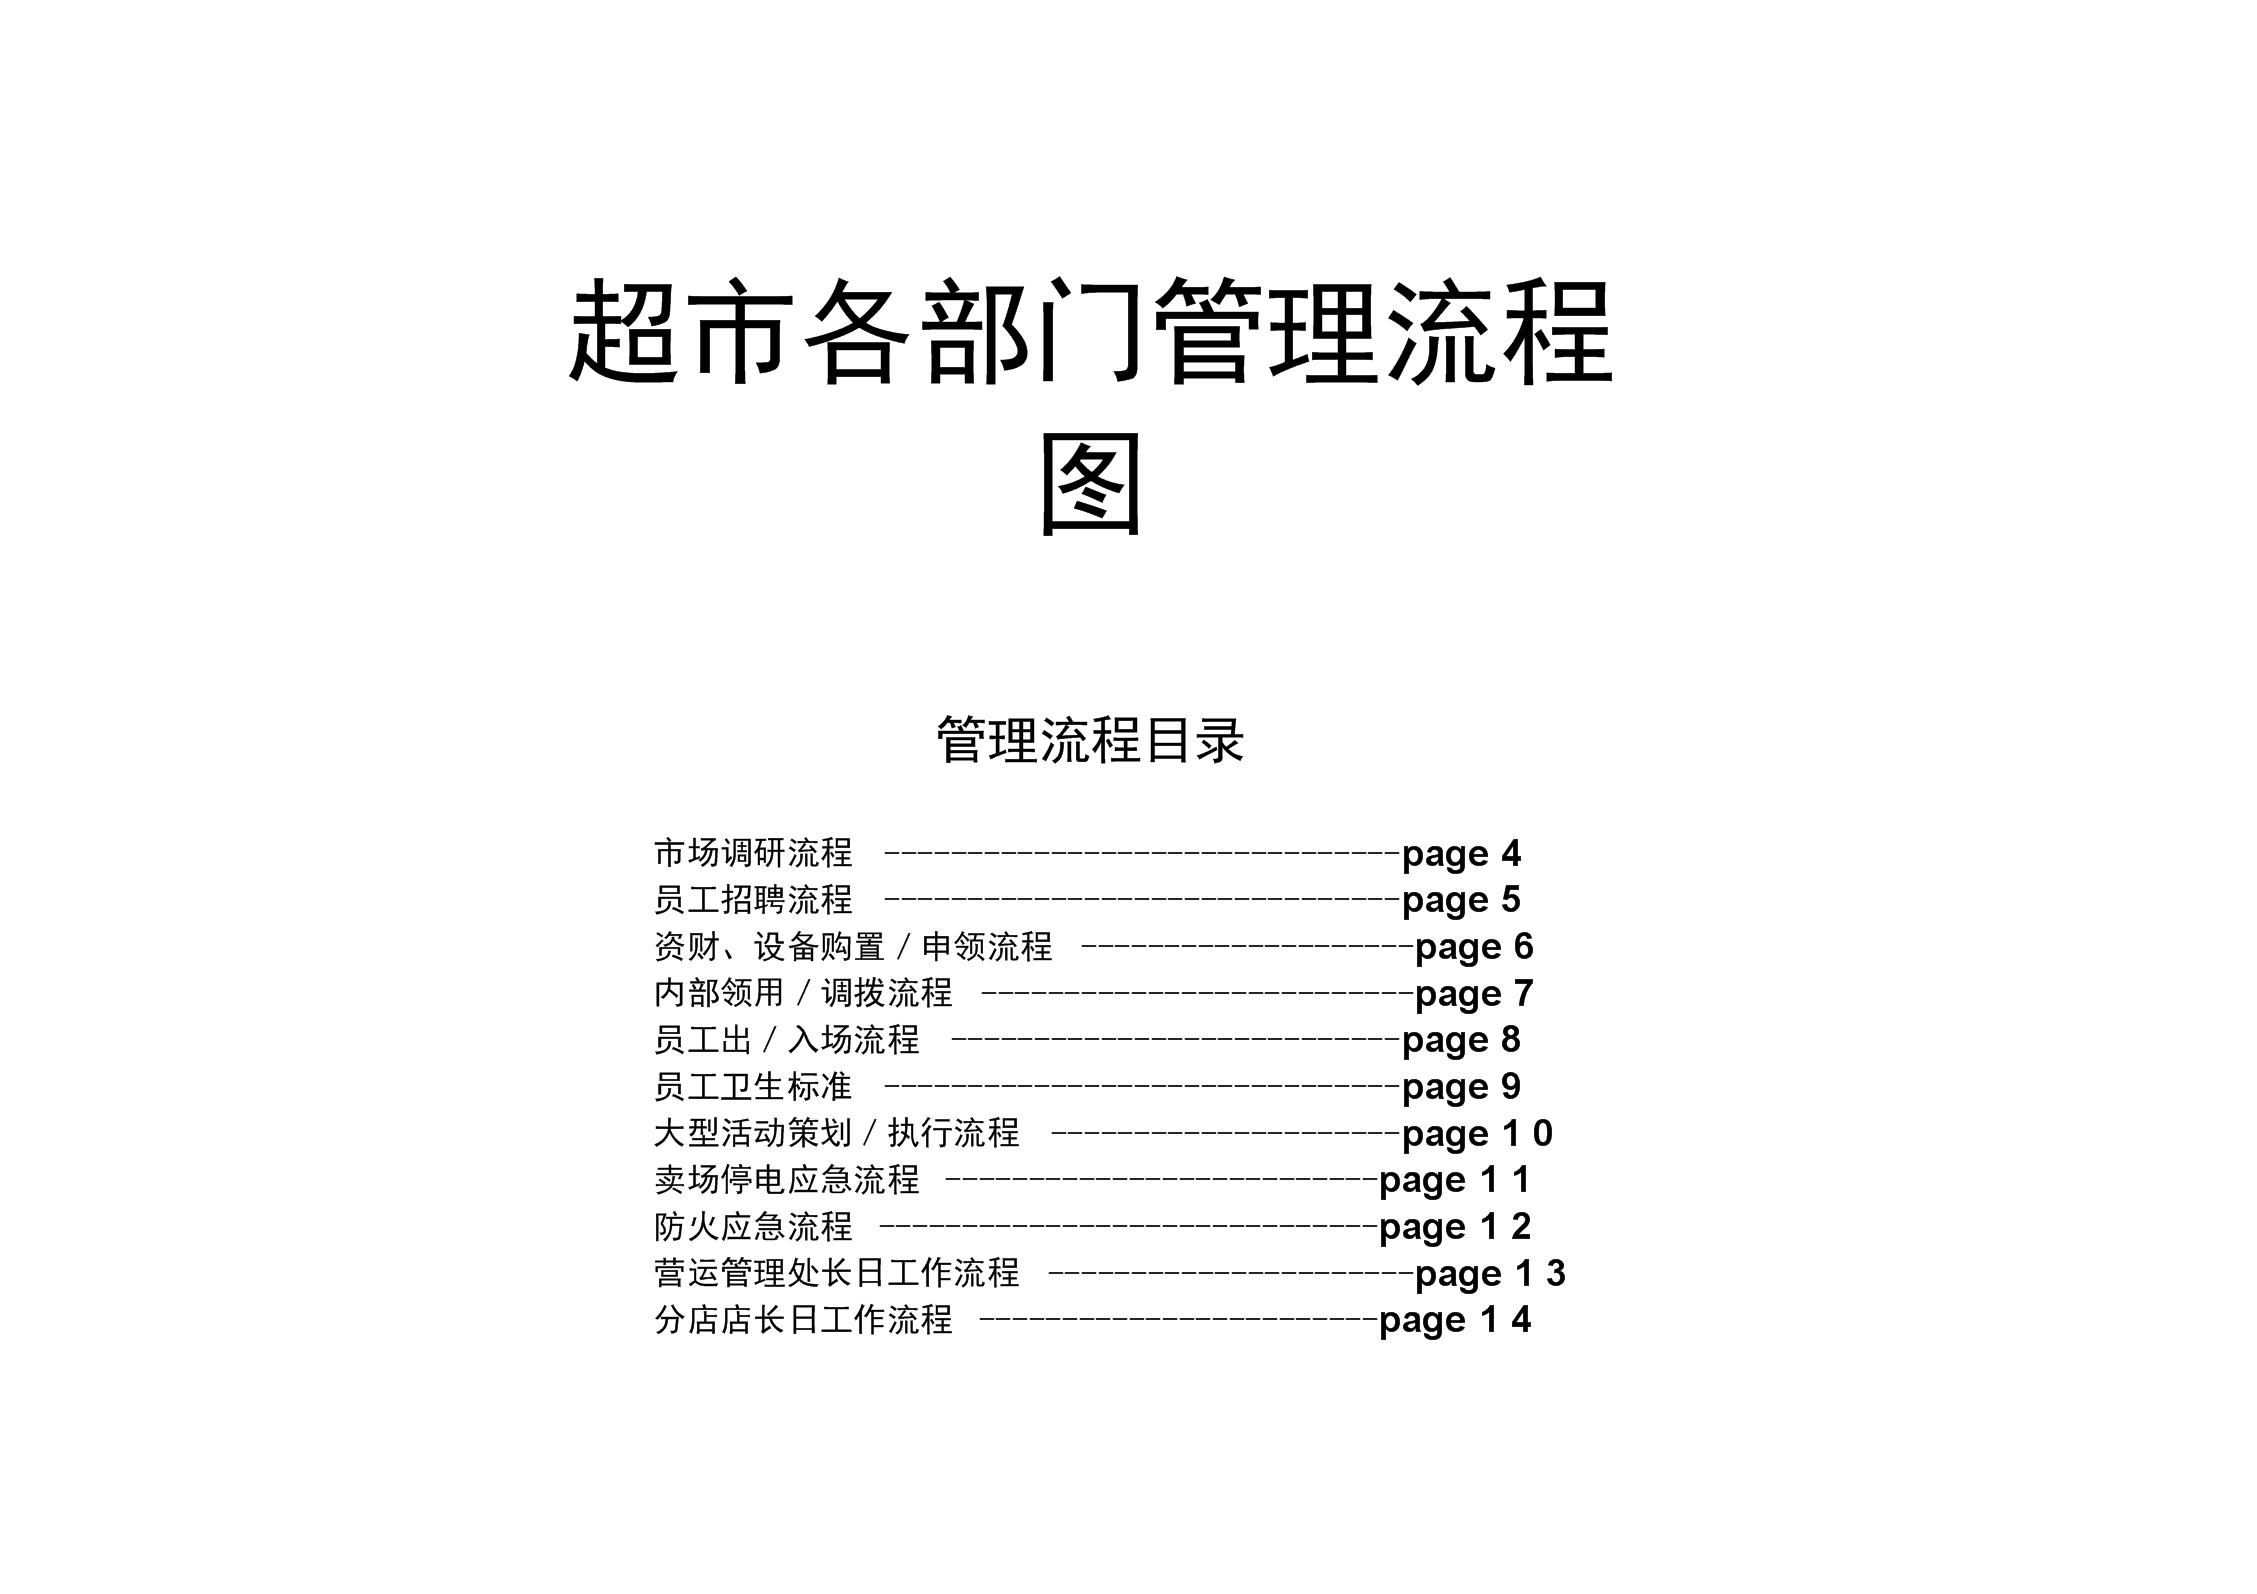 家乐福超市各部门管理流程图[1].docx